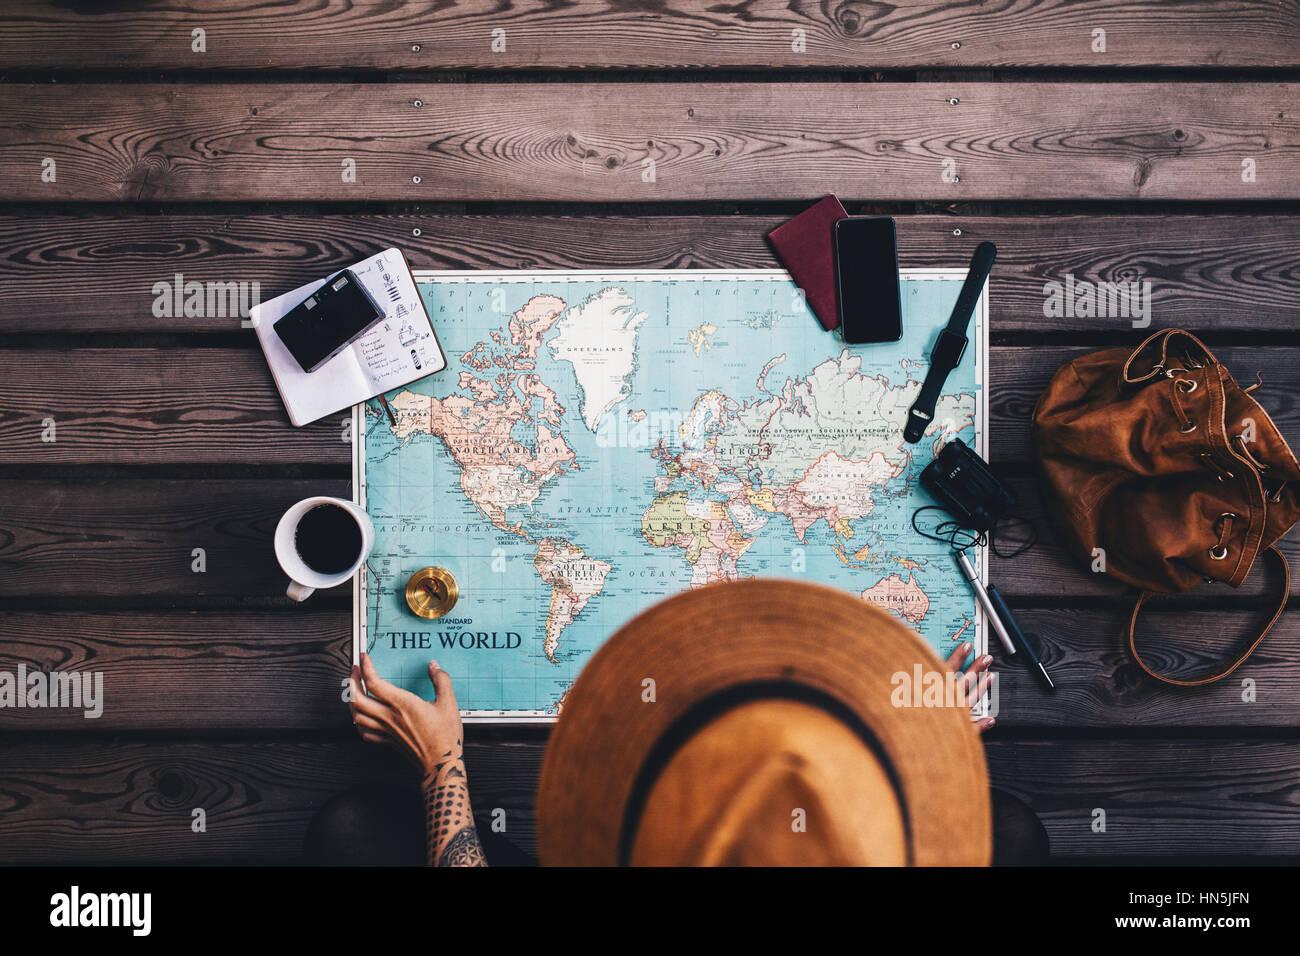 Mujer joven planificar vacaciones con brújula y mapa mundial junto con otros accesorios de viaje. Turista llevar Imagen De Stock